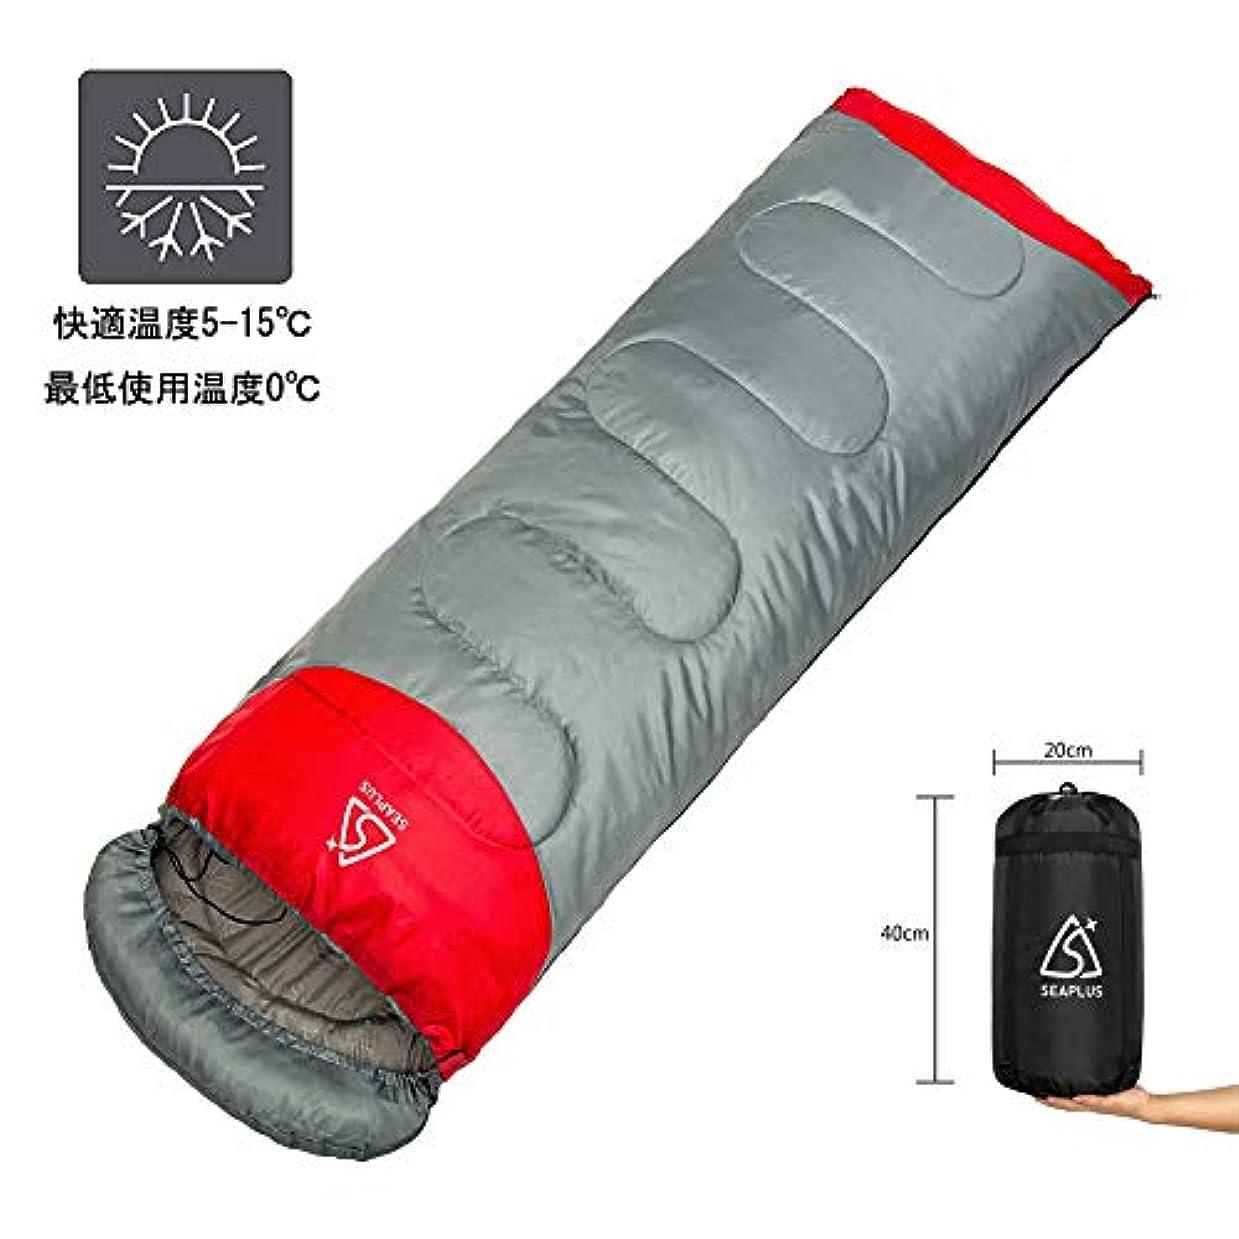 文芸分離する制限寝袋コンパクト 冬用 封筒型シュラフ スリーピングバッグ (5-15℃) 1.6kg 軽量 防水 収納 アウトドア 登山 車中泊 防災用-Seaplus